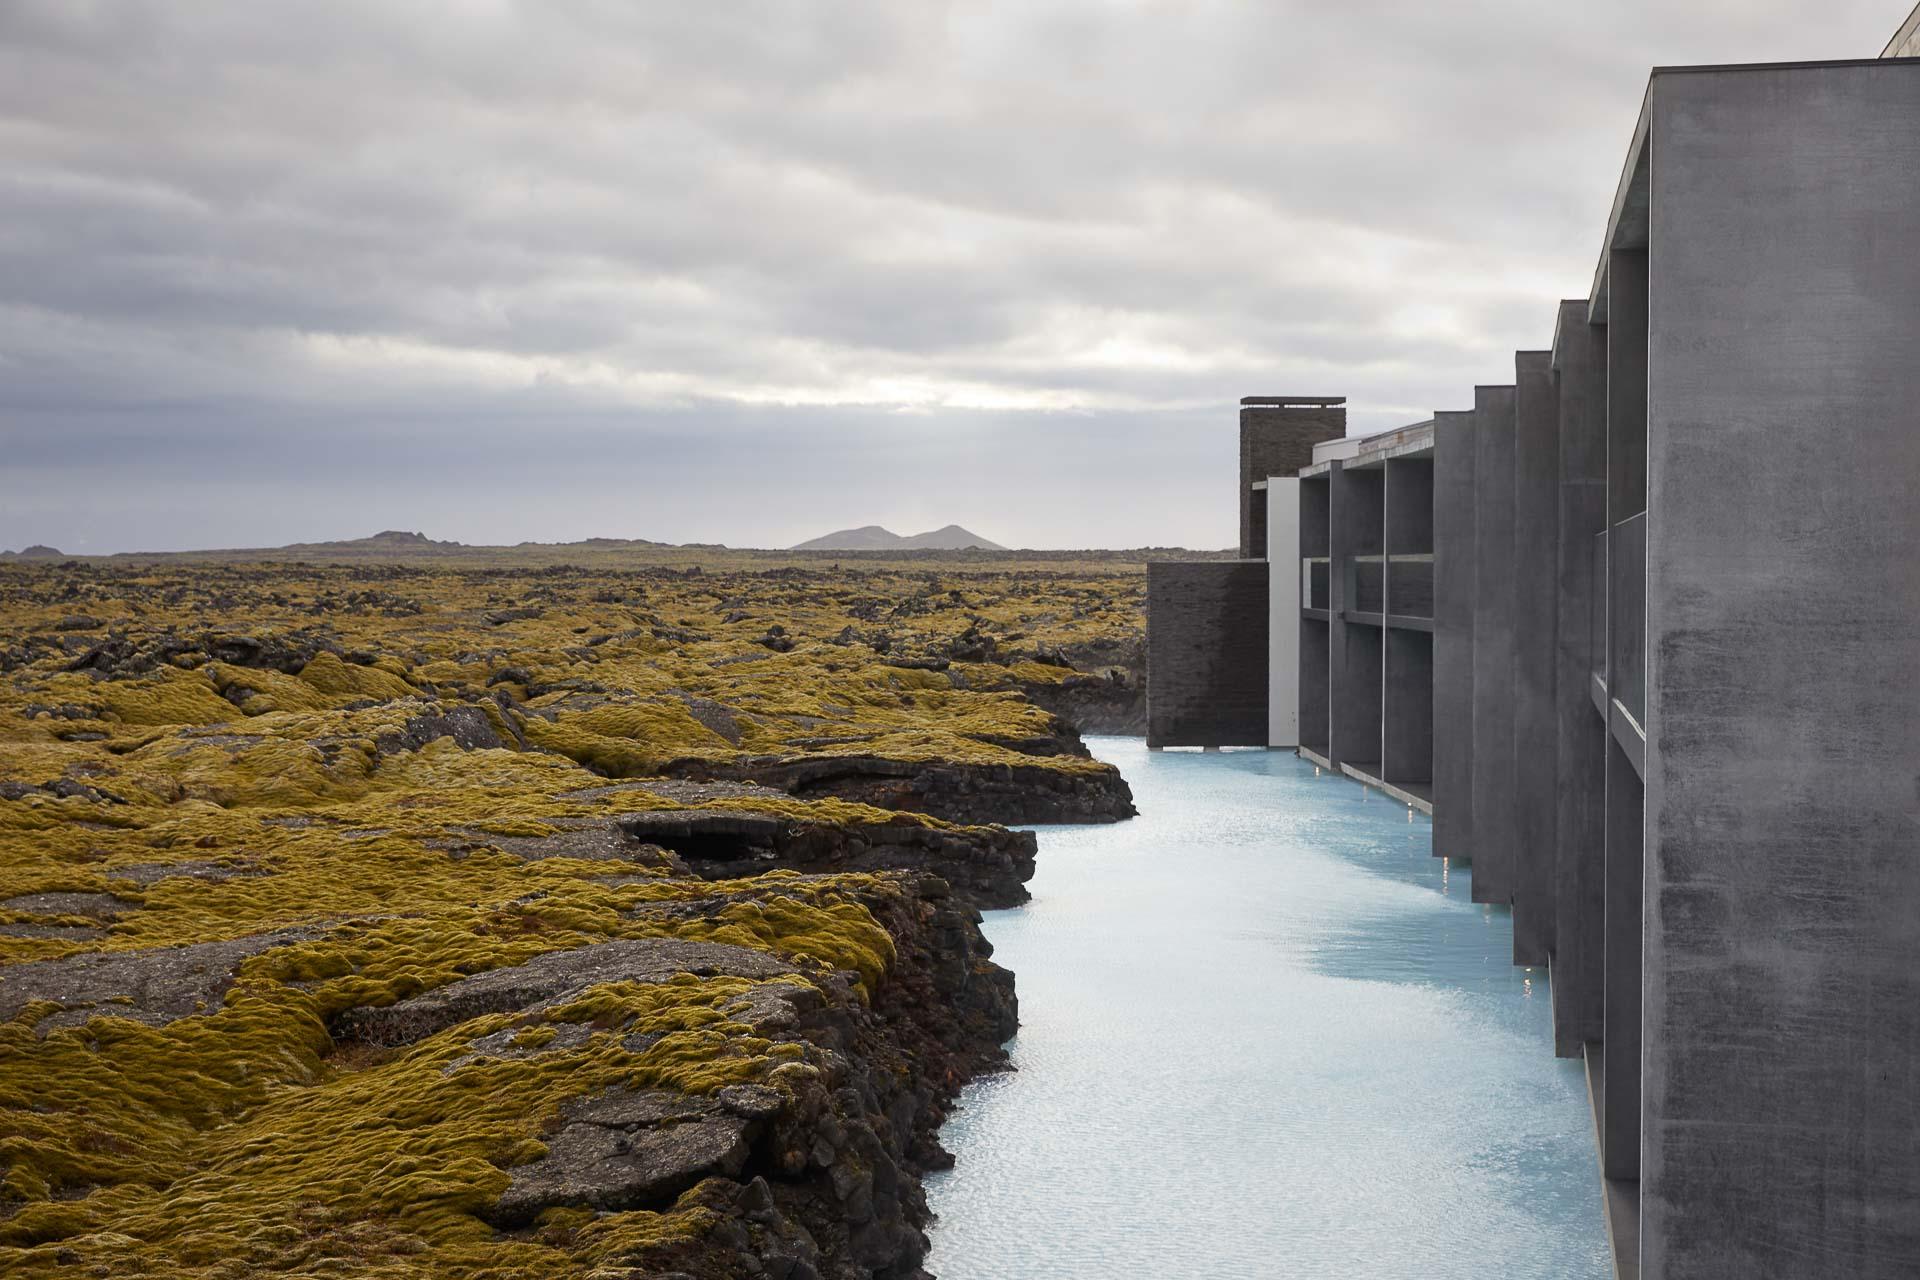 En Islande, le Blue Lagoon monte en gamme et imagine un hôtel de luxe exclusif, dédié à la relaxation et au bien-être grâce à son spa de premier plan. Découverte en images d'une adresse unique en son genre, à découvrir avec l'agence Eluxtravel.